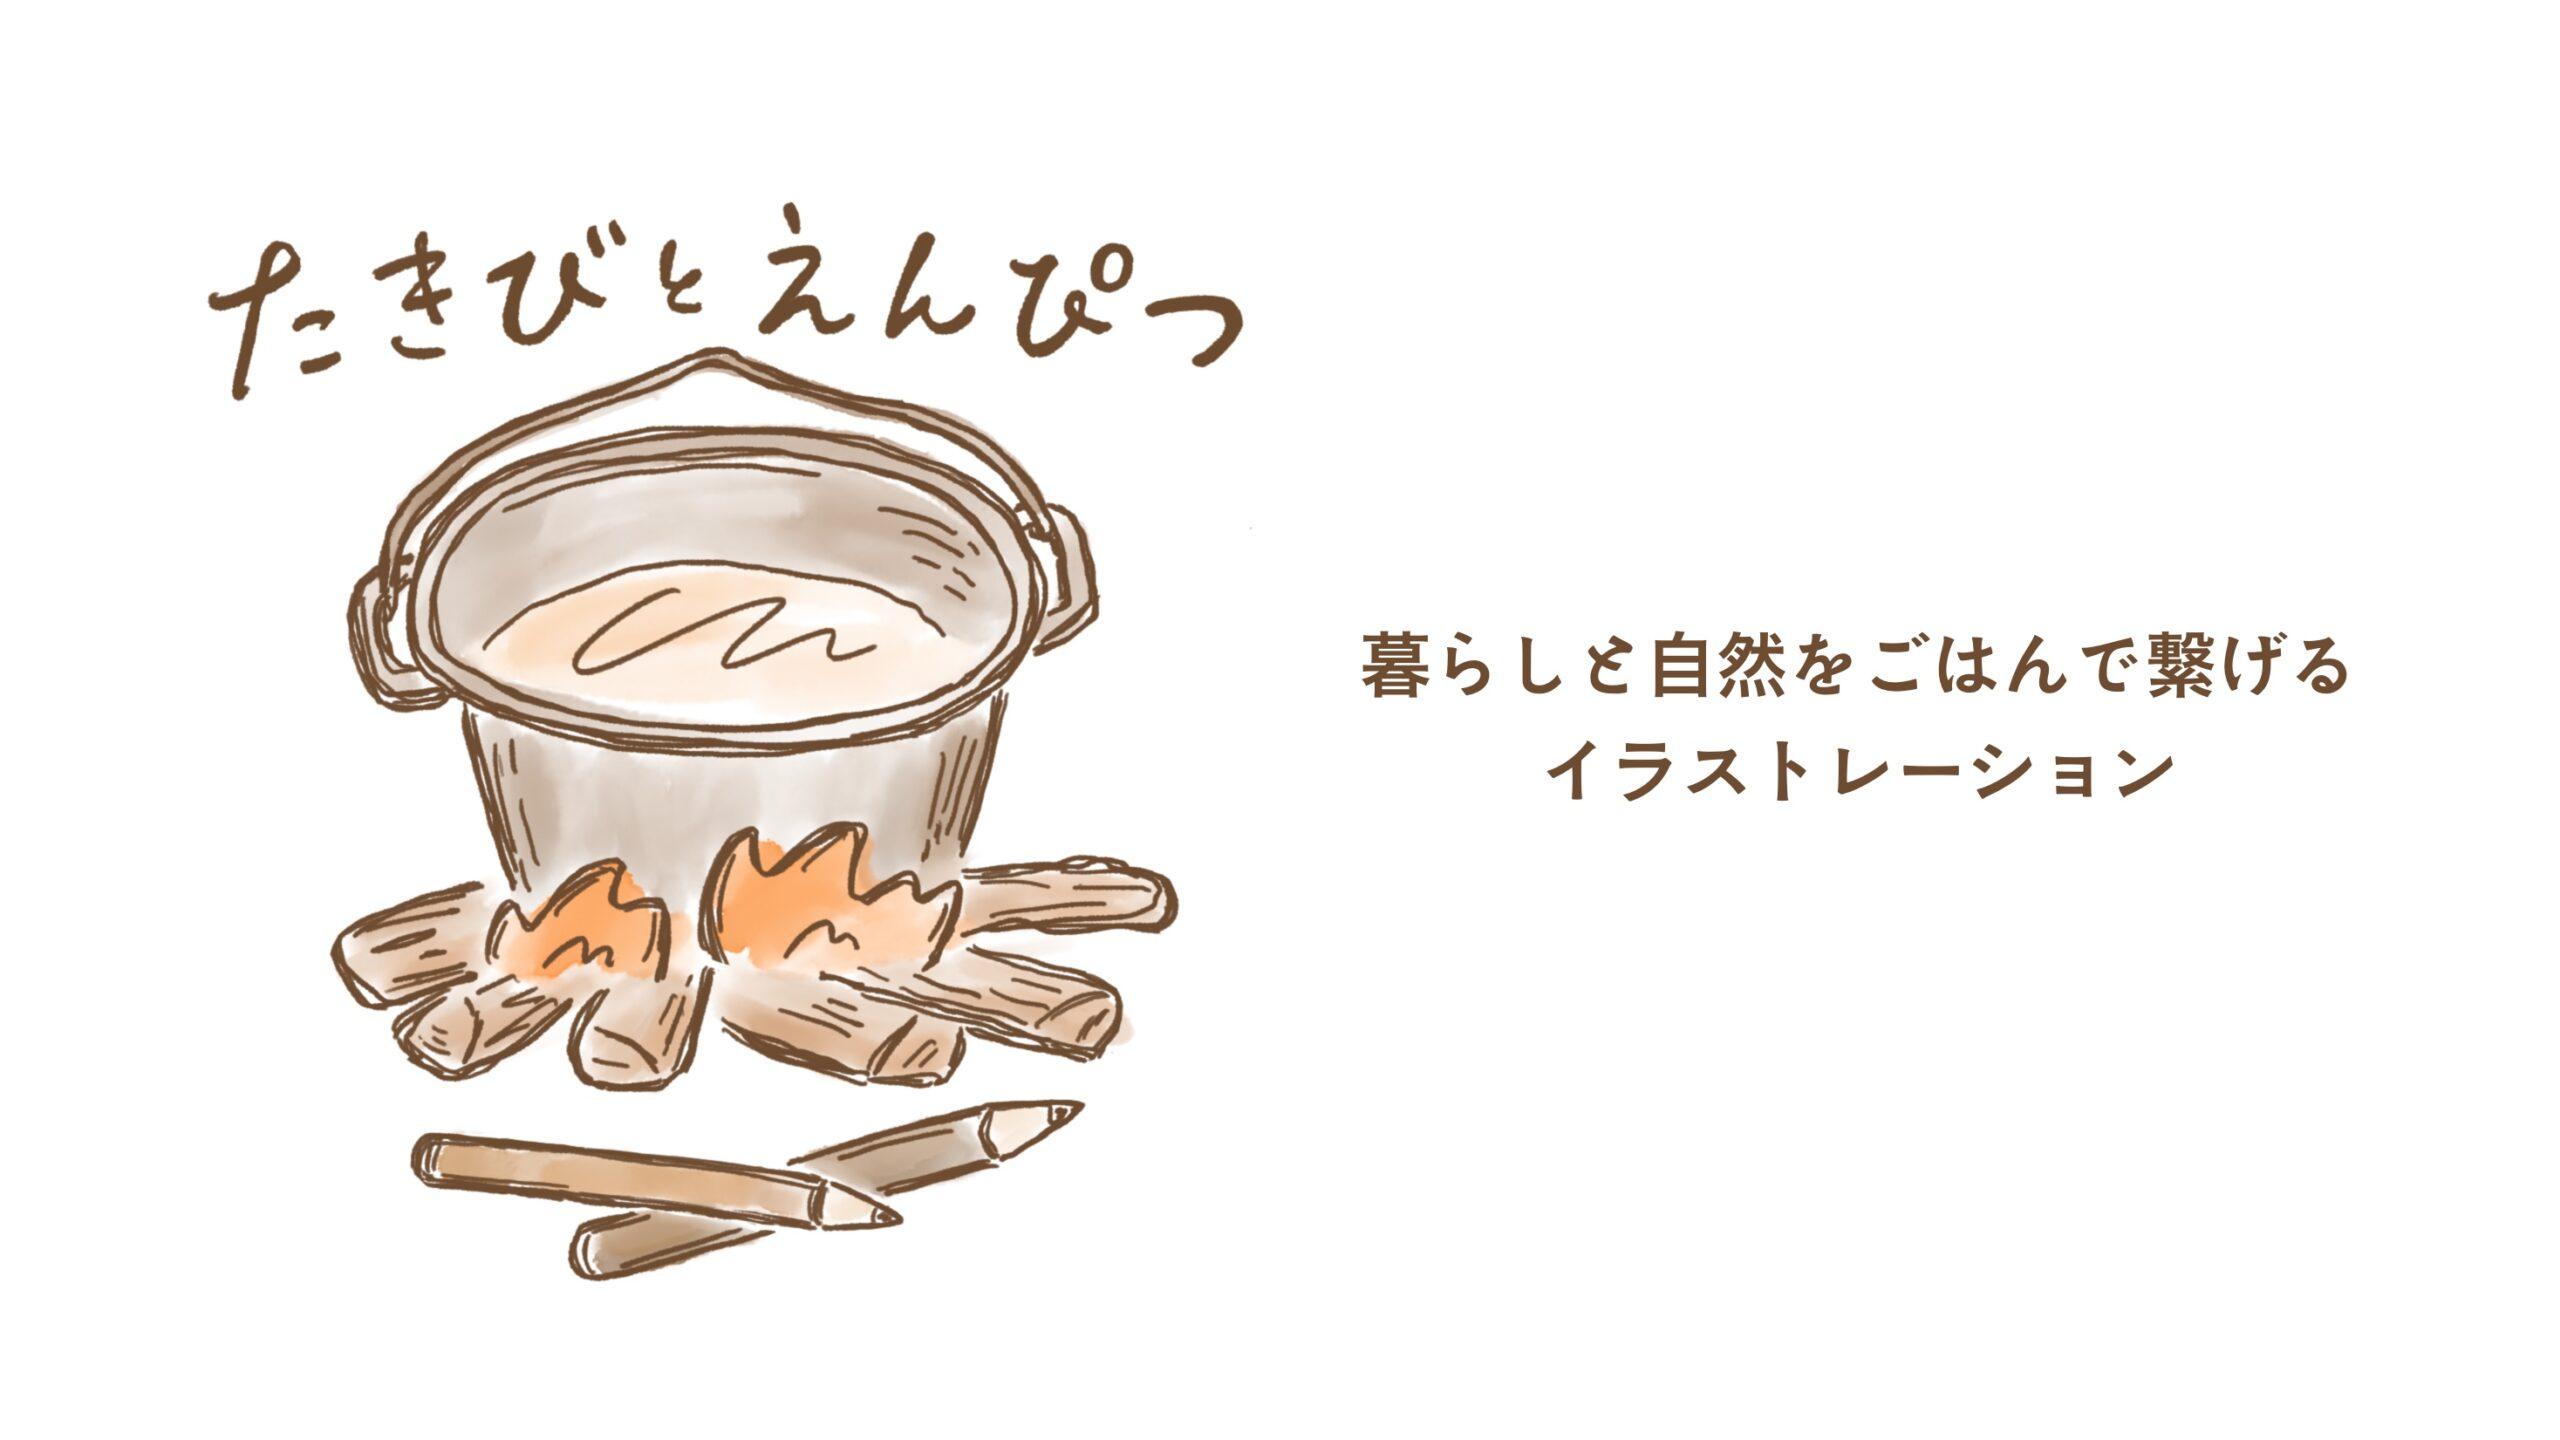 「たきびとえんぴつ」キャンプ料理レシピとイラスト